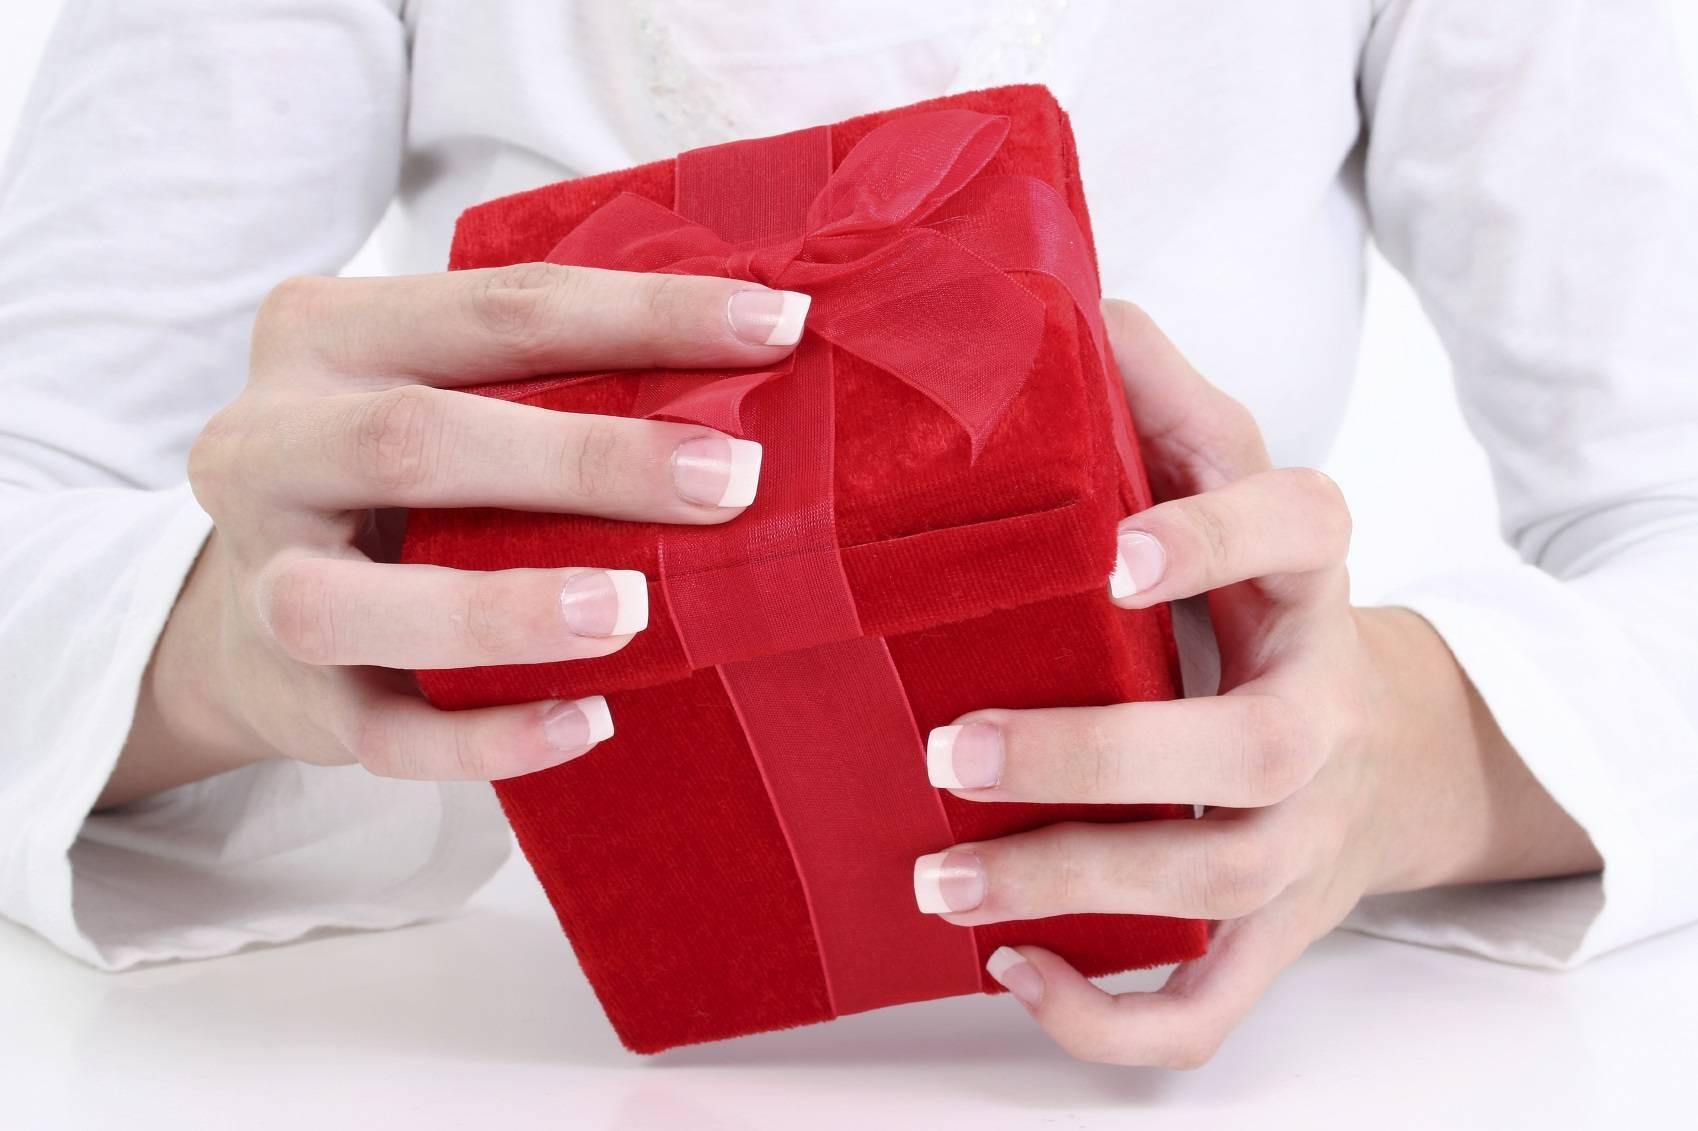 Cadeaux : quels sont ceux à éviter ?